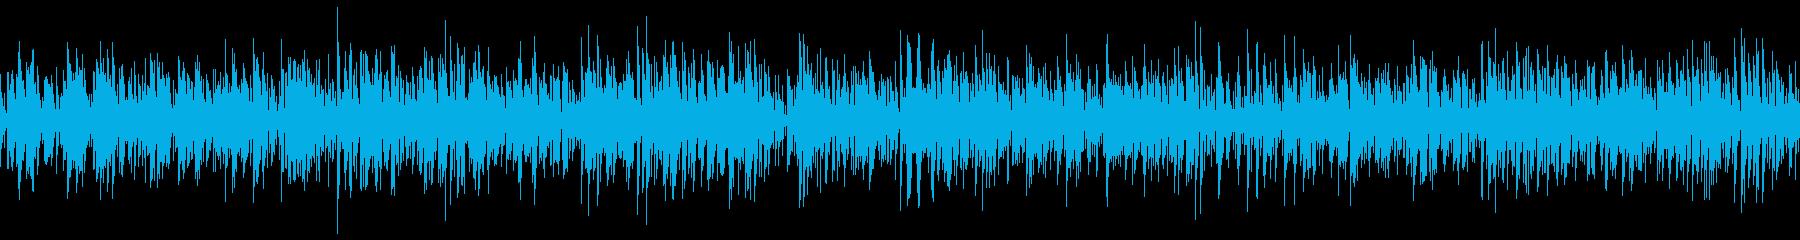 3分29秒のループ化ファイルです。の再生済みの波形